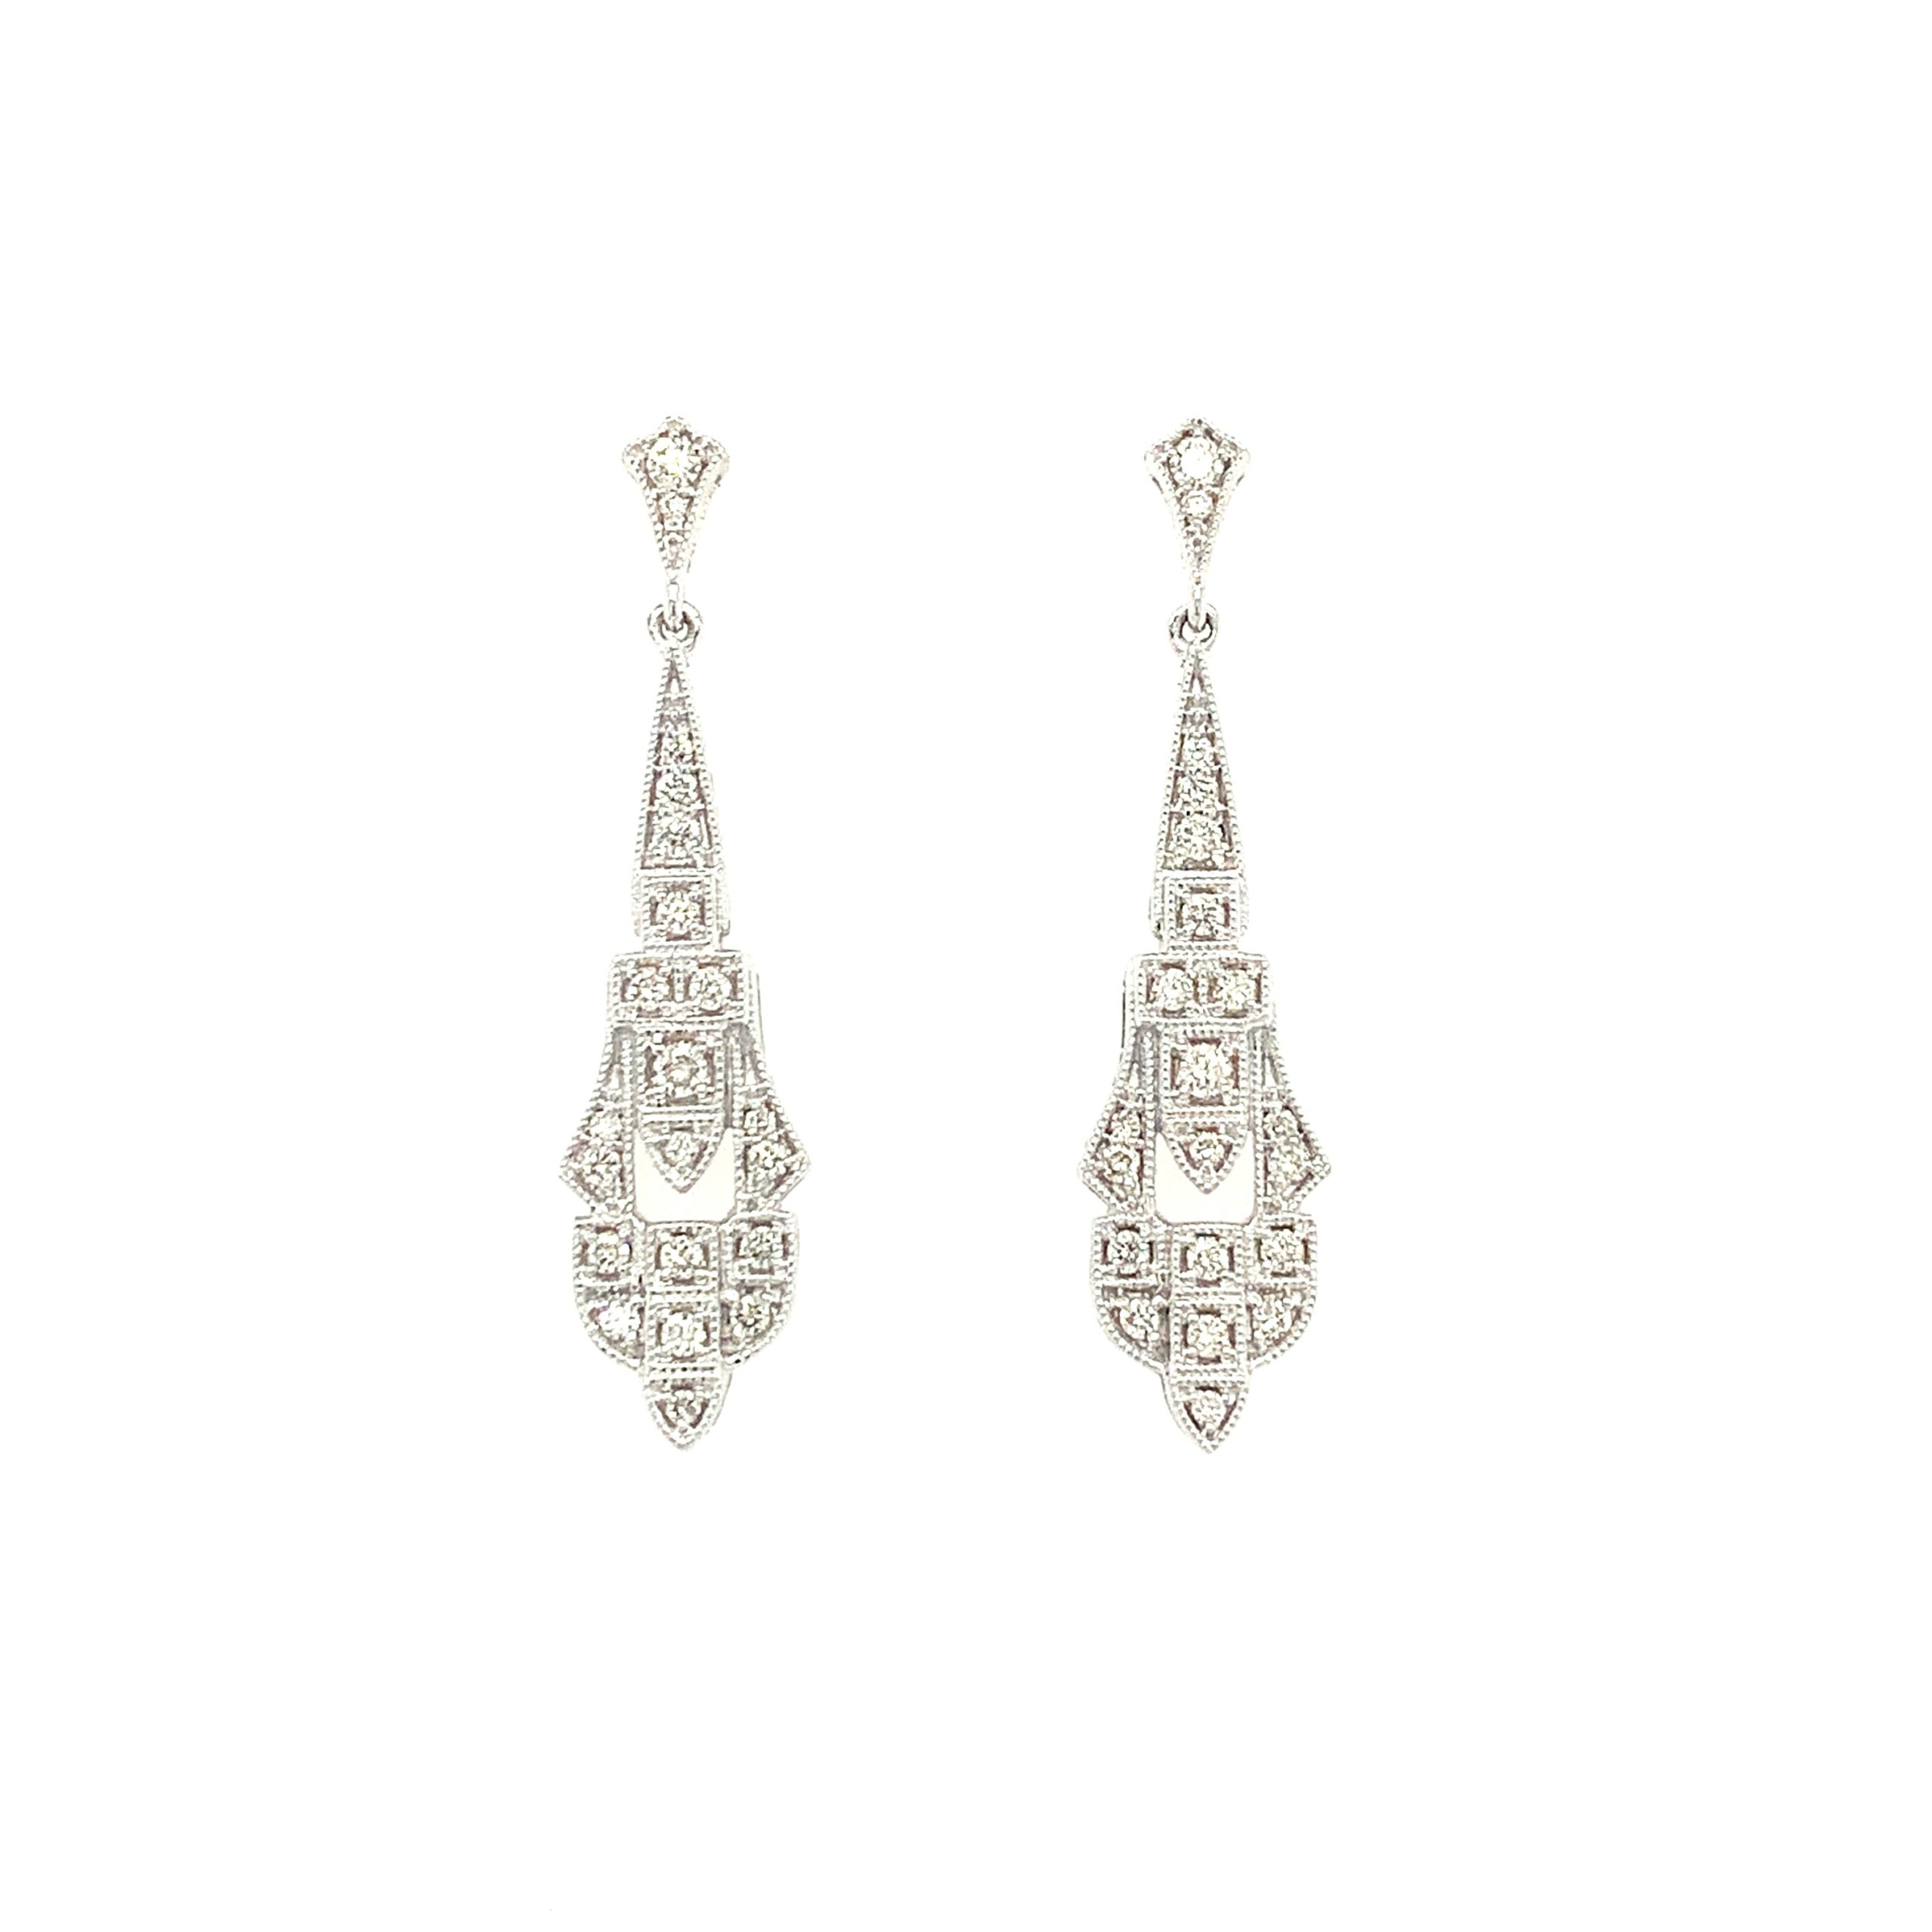 White Gold Diamond Art Deco Earrings